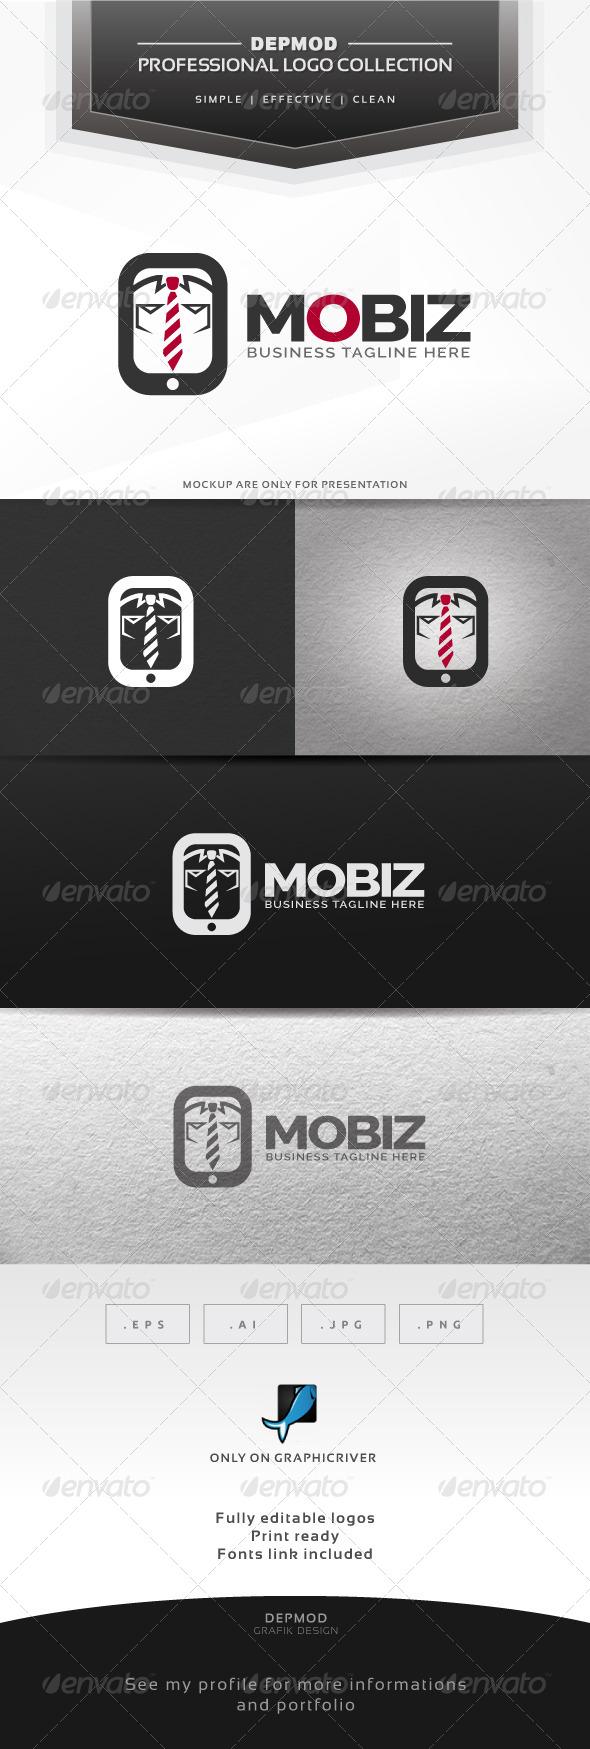 GraphicRiver Mobiz Logo 6307834